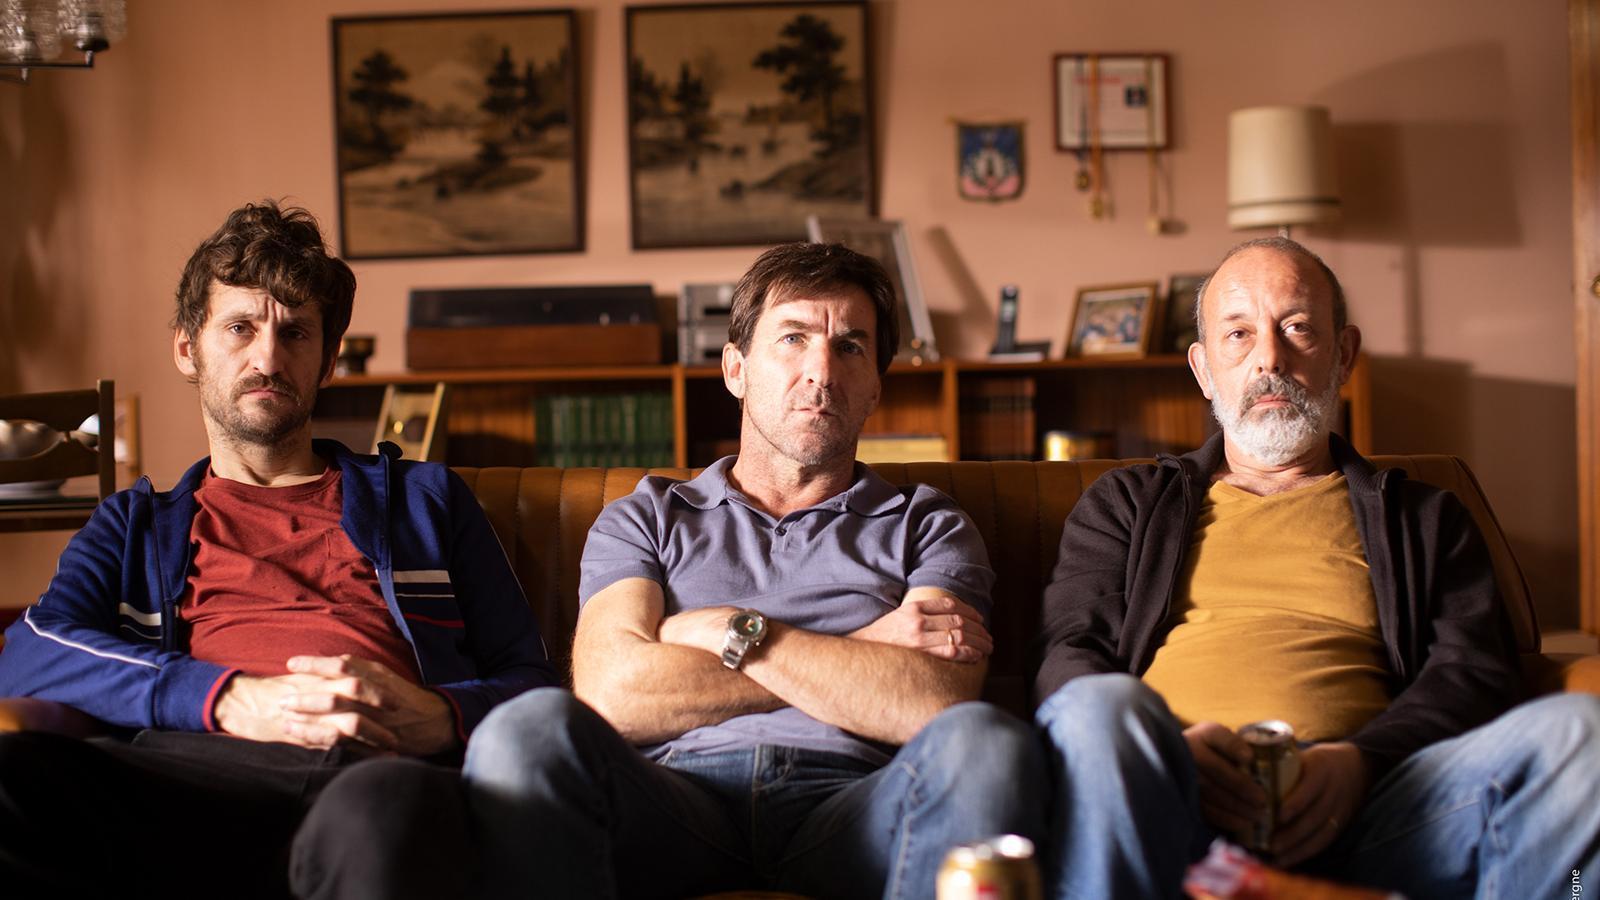 Raúl Arévalo, Antonio de la Torre, i Chema del Barco a la pel·lícula 'El plan'.